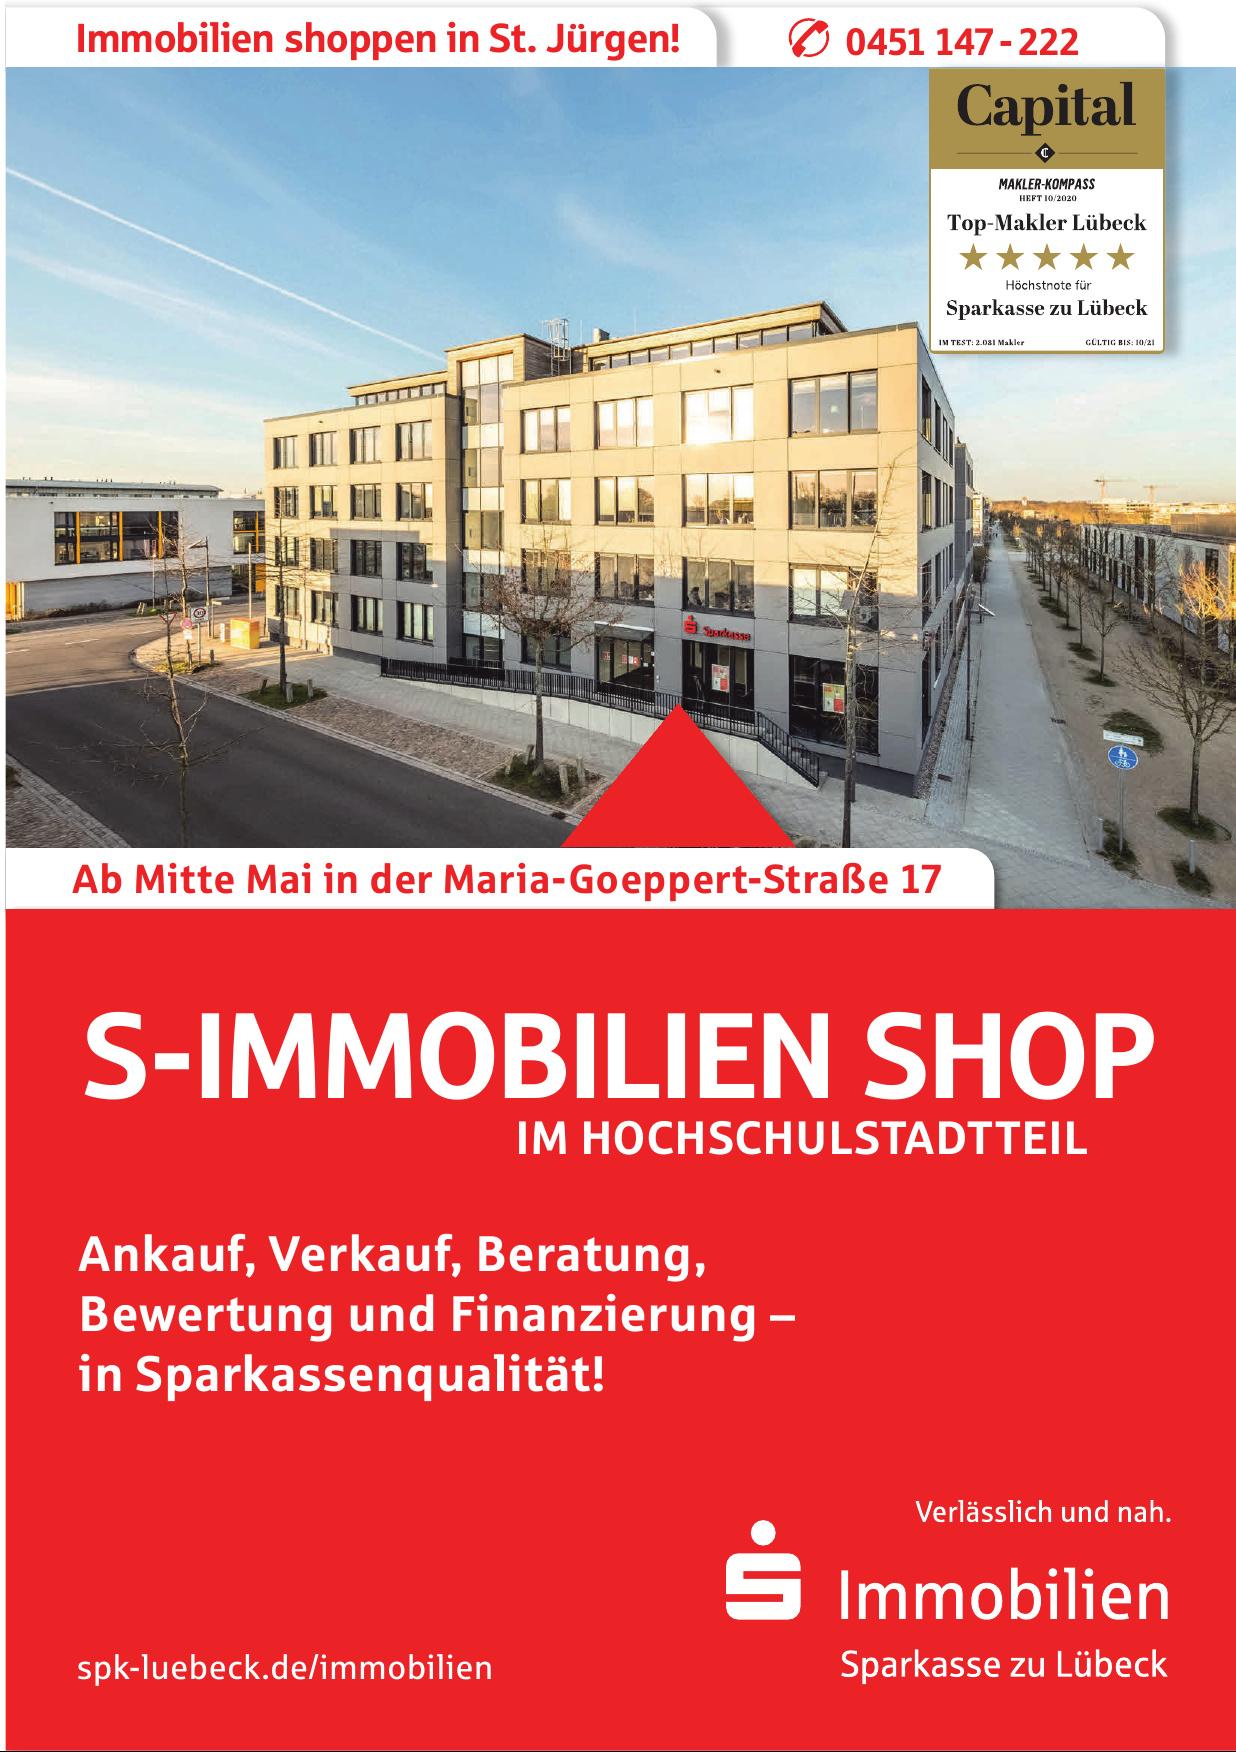 Sparkasse zu Lübeck - Immobilien